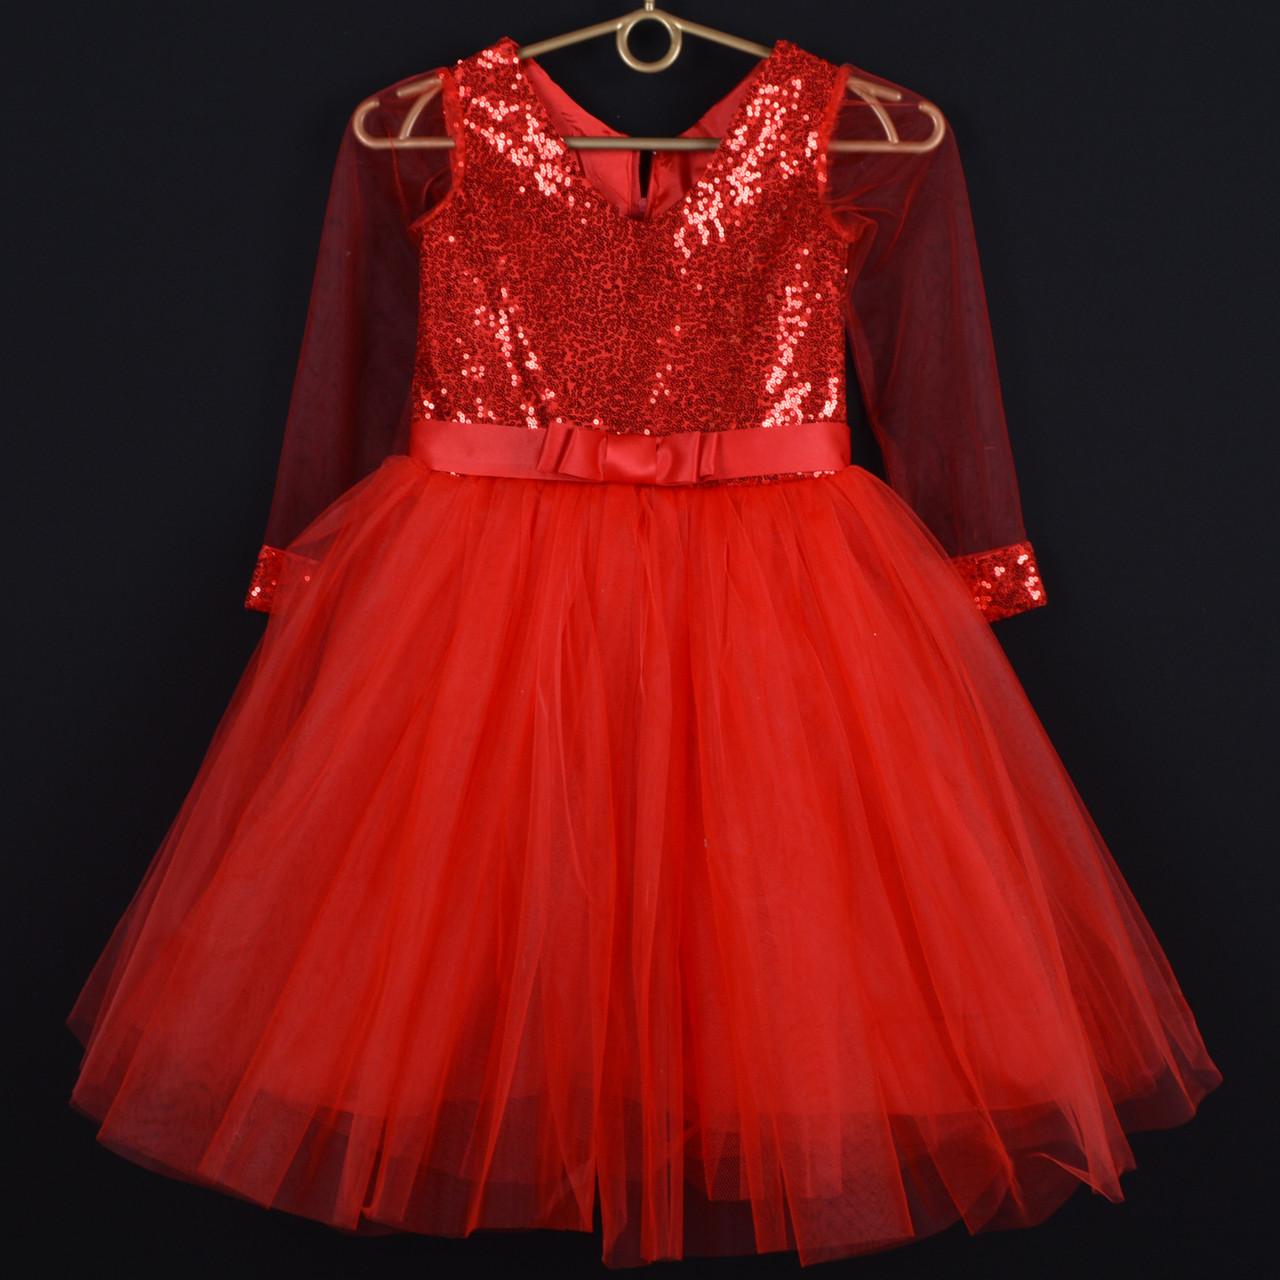 """Платье нарядное детское """"Королева Лия"""" с пайетками 4-6 лет. Красное. Оптом и в розницу"""